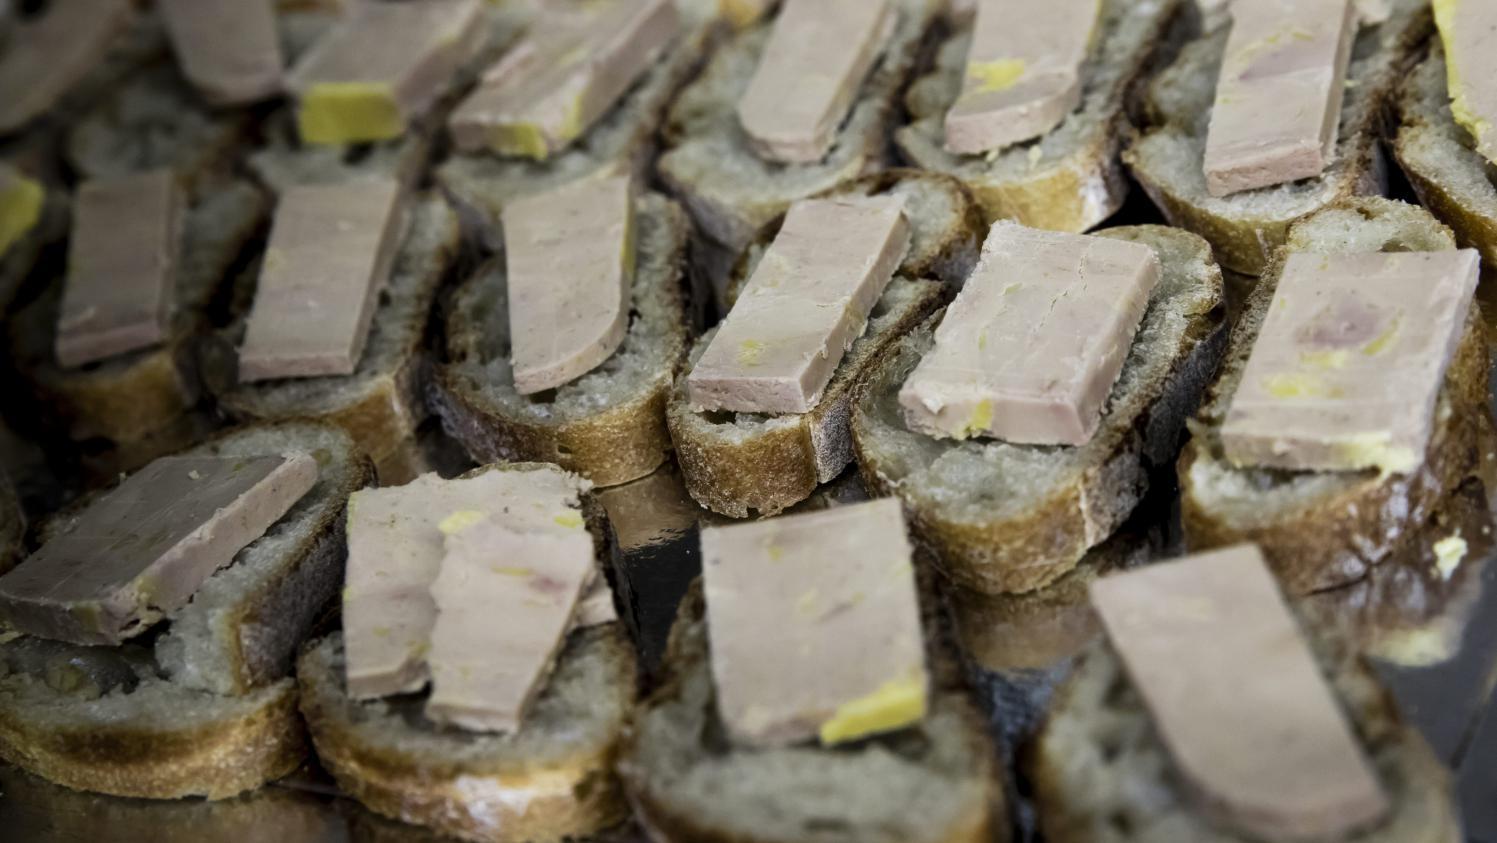 foie gras saumon fum p nurie ou pas direction rungis pour en avoir le c ur net. Black Bedroom Furniture Sets. Home Design Ideas